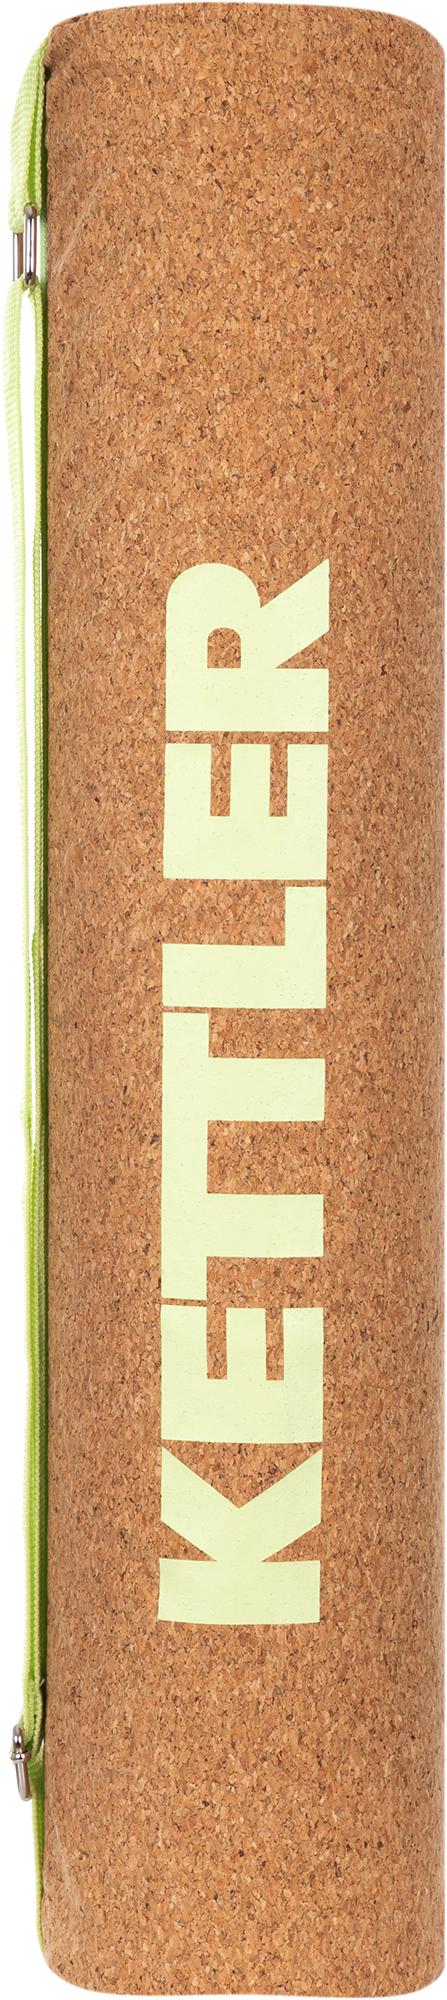 цена на Kettler Сумка для коврика Kettler